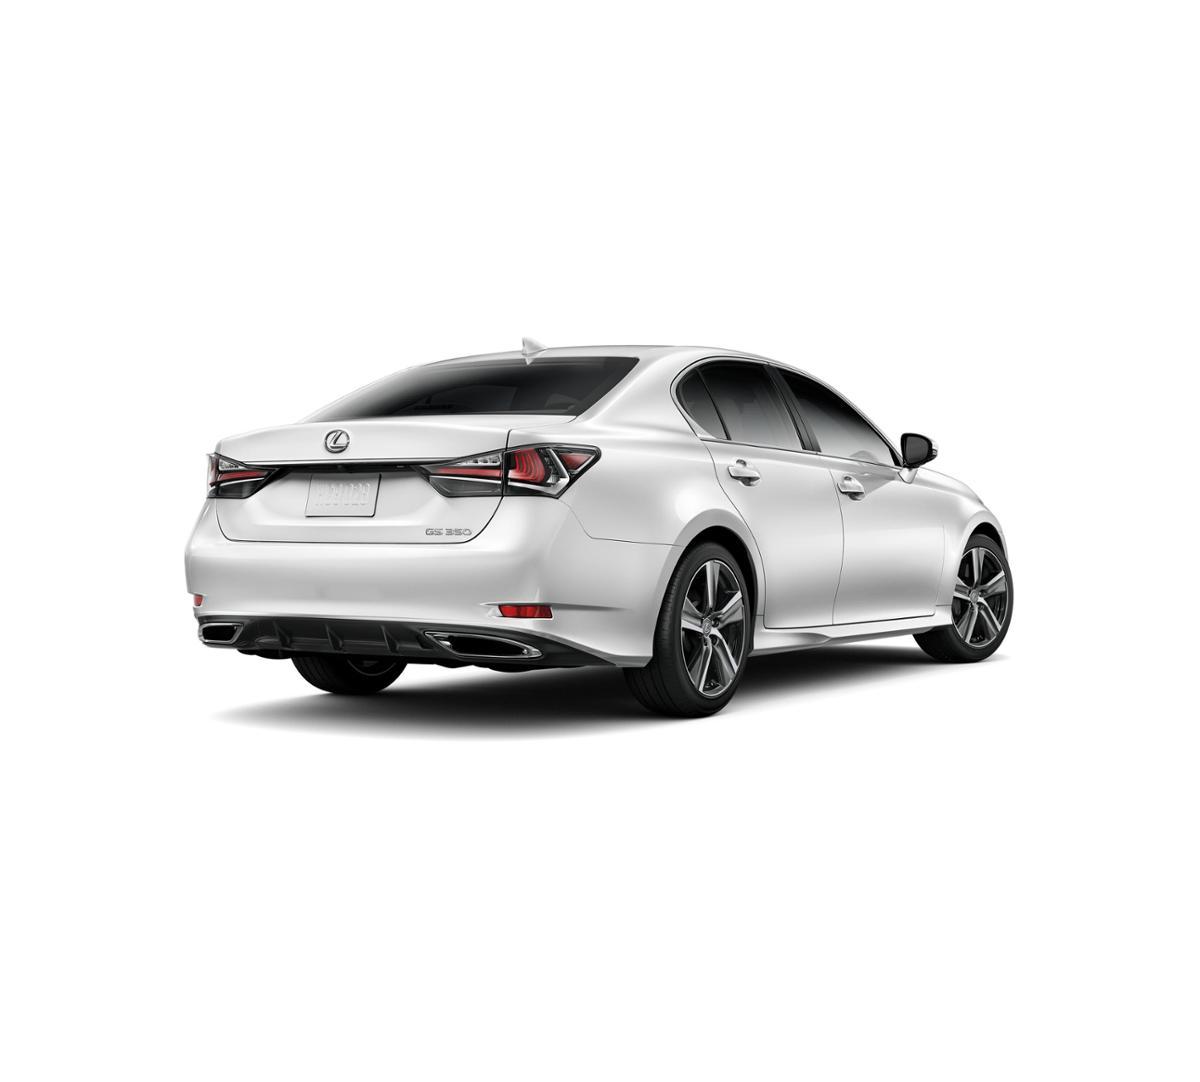 Lexus Gs Lease Deals: 2019 Lexus GS 350 For Sale In Pembroke Pines